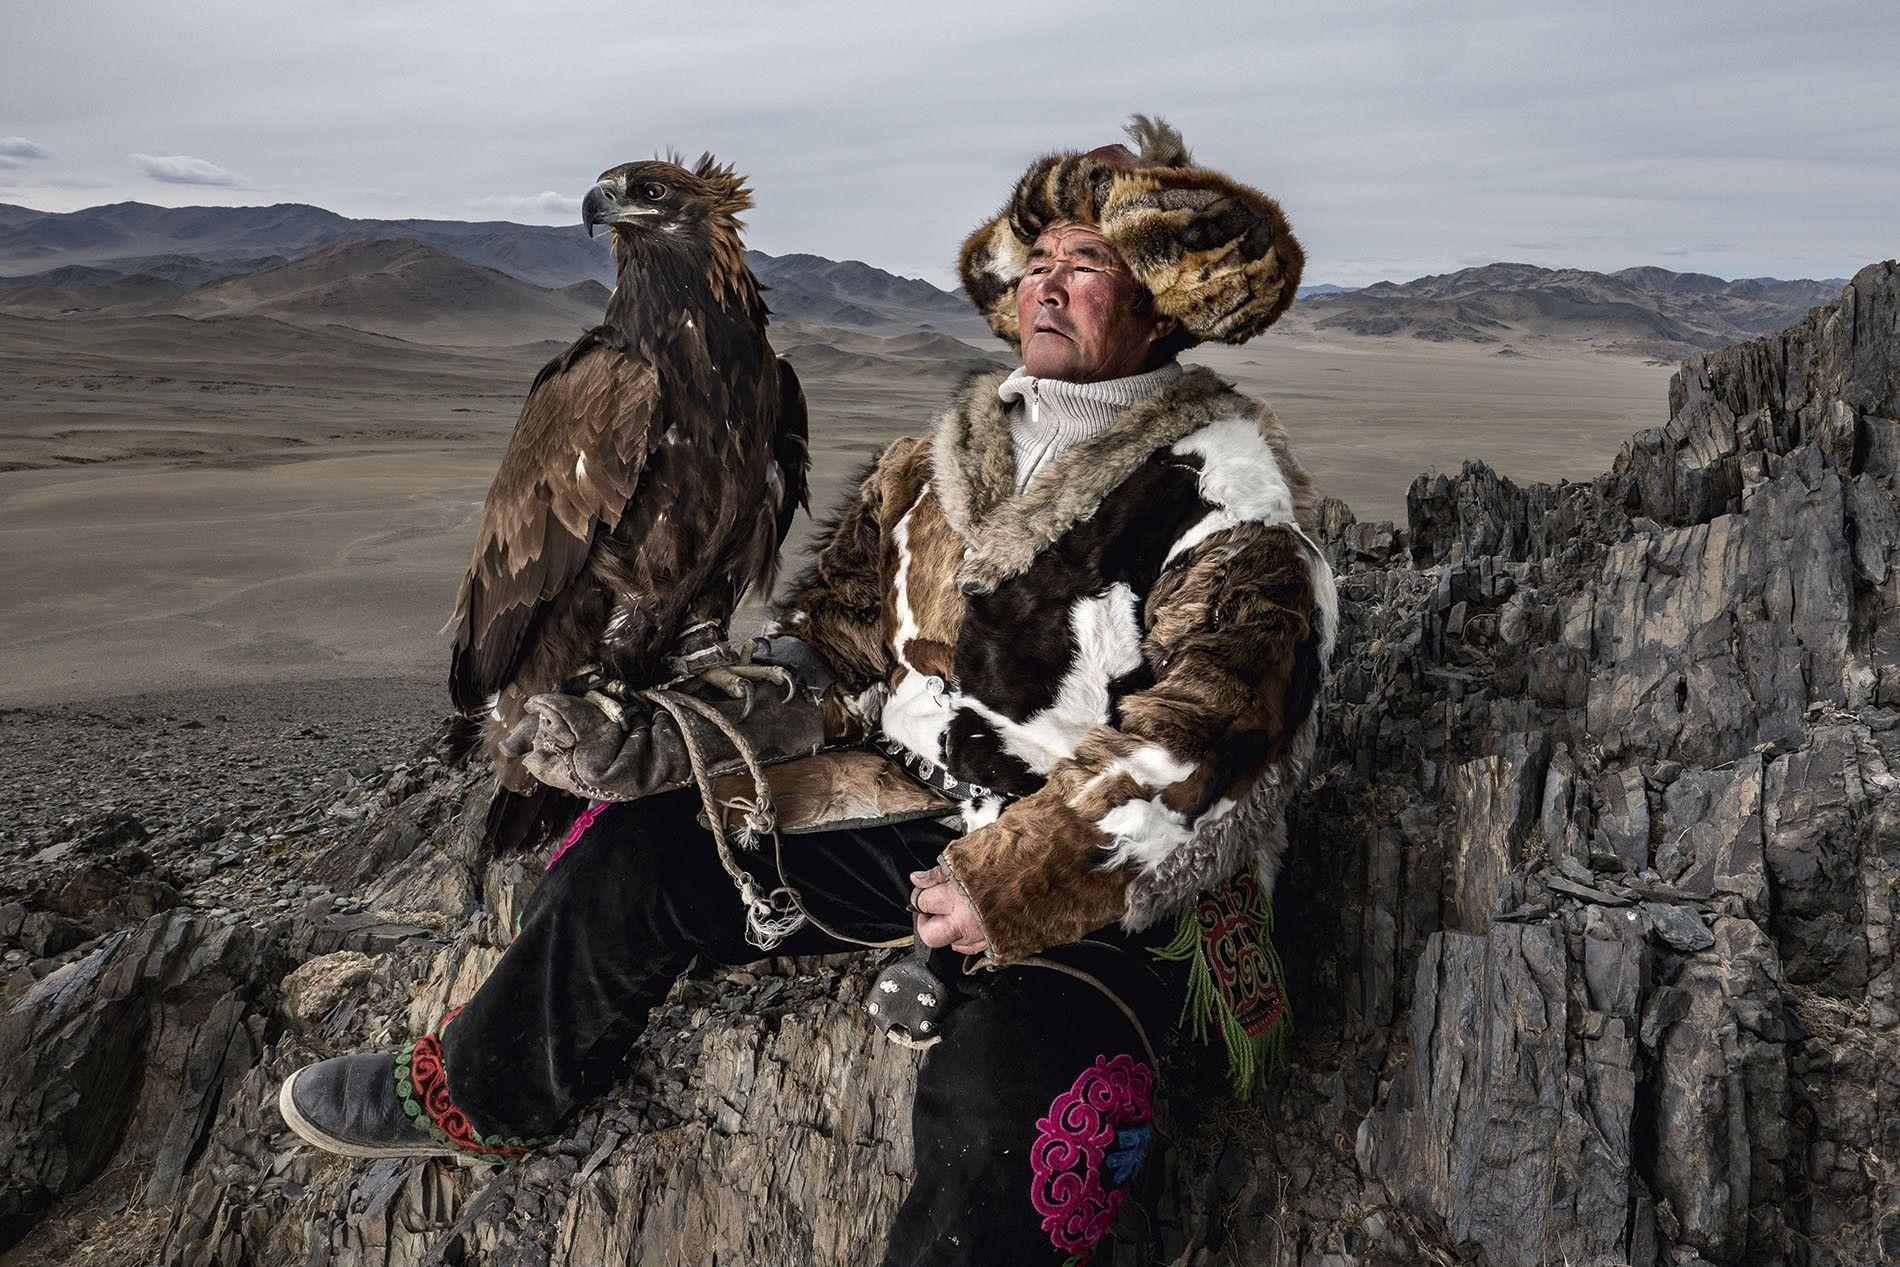 Hunter in Mongolia